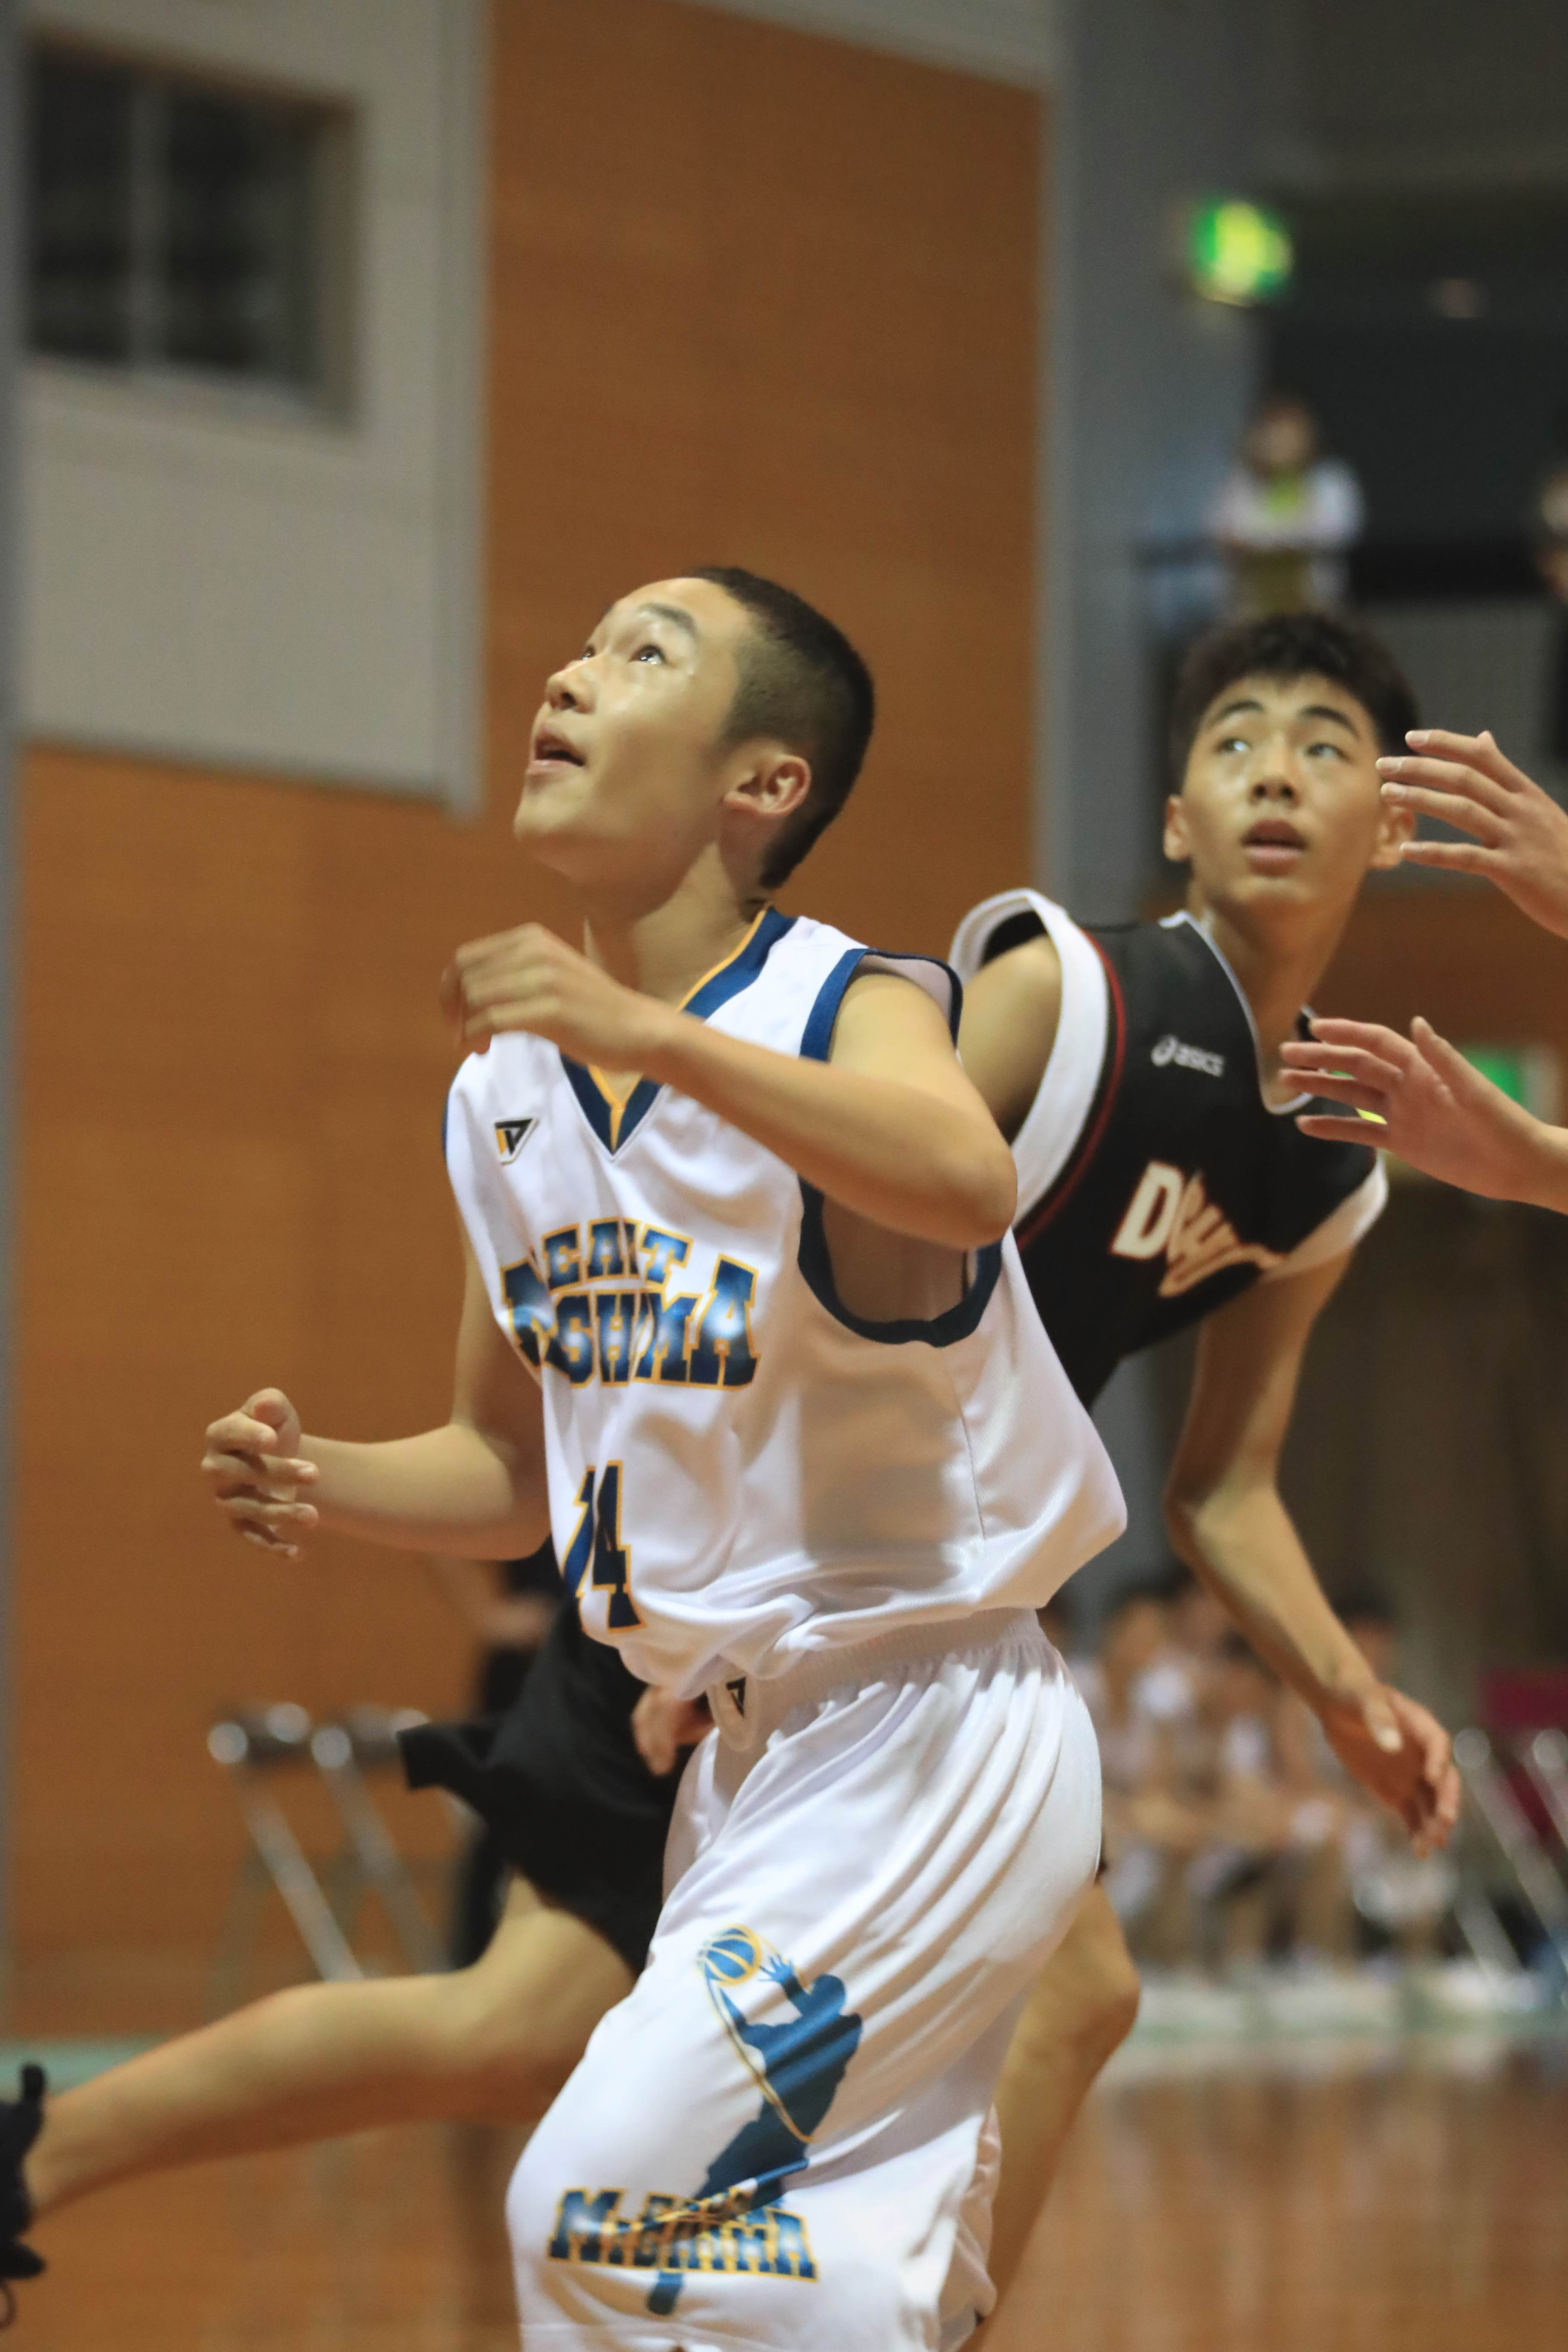 バスケットボール (7)